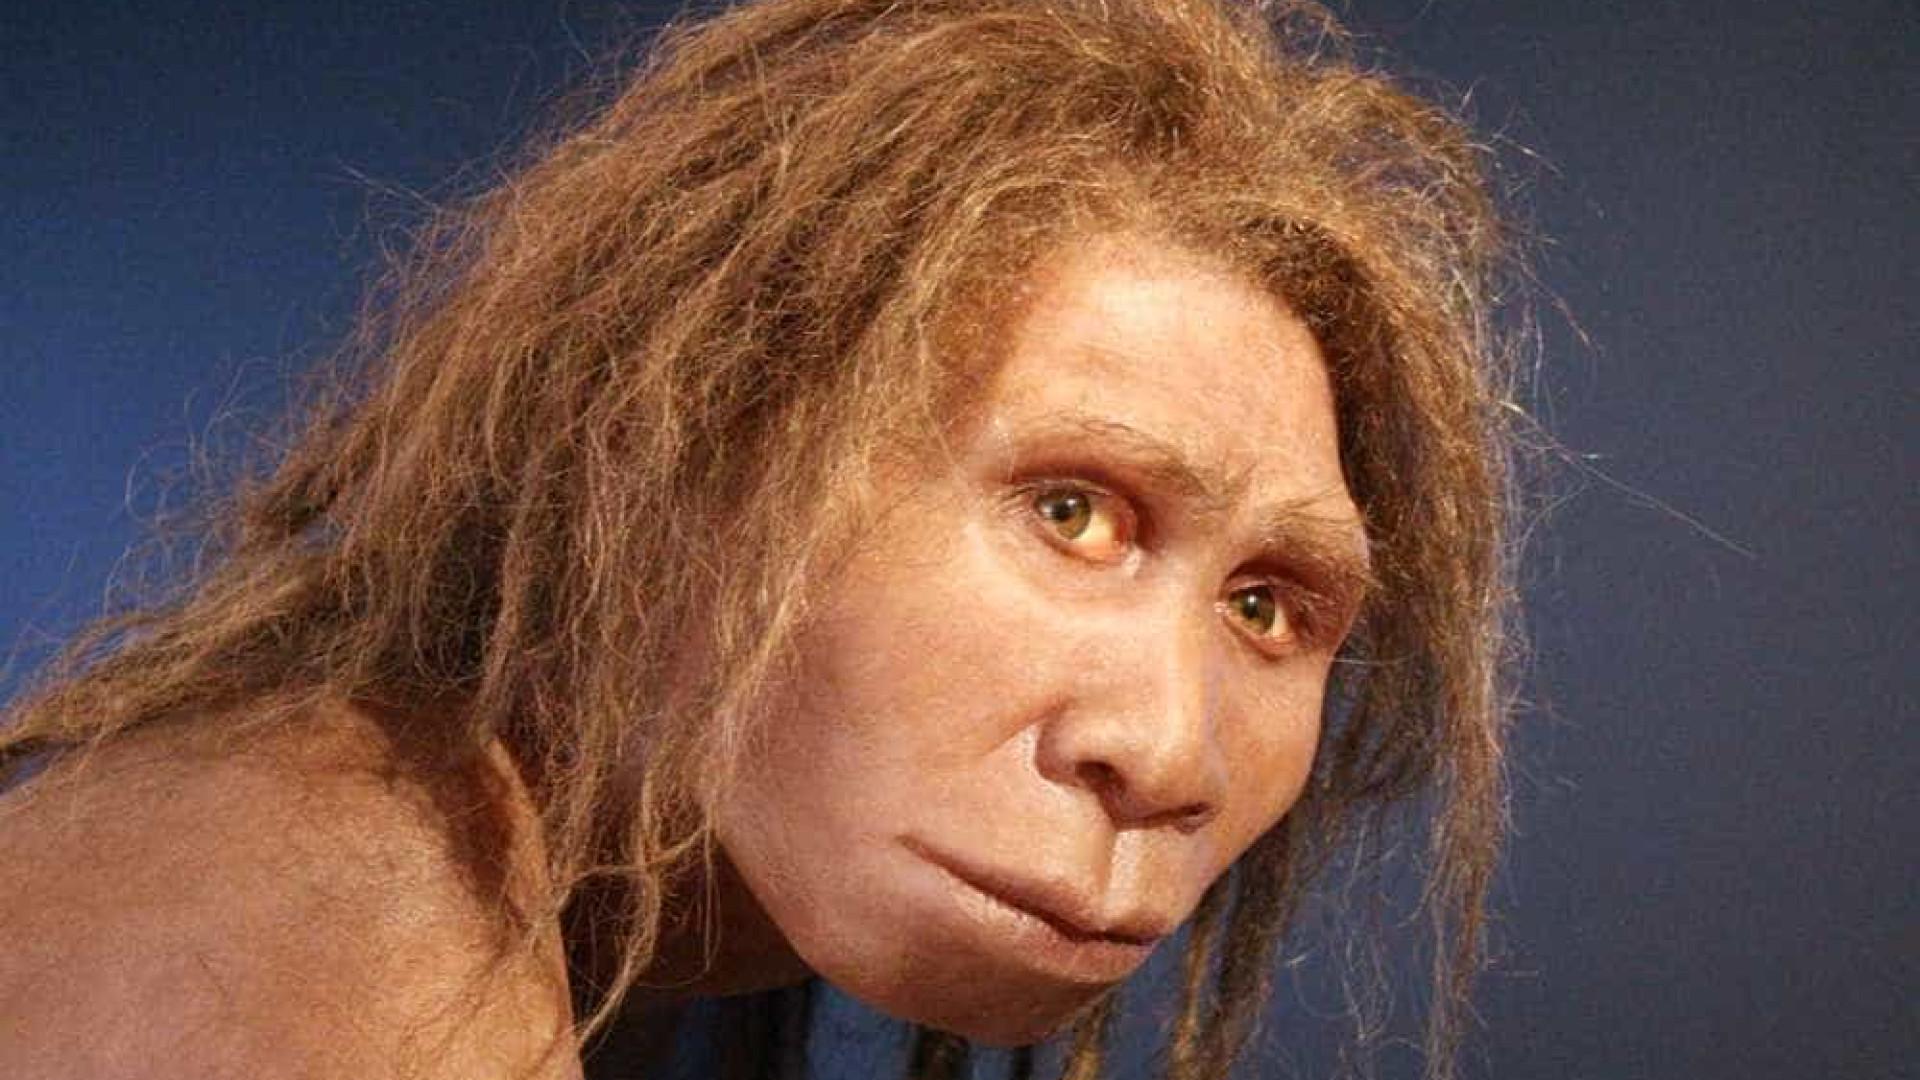 Extinção dos neandertais terá sido lenta ao contrário do que se pensava